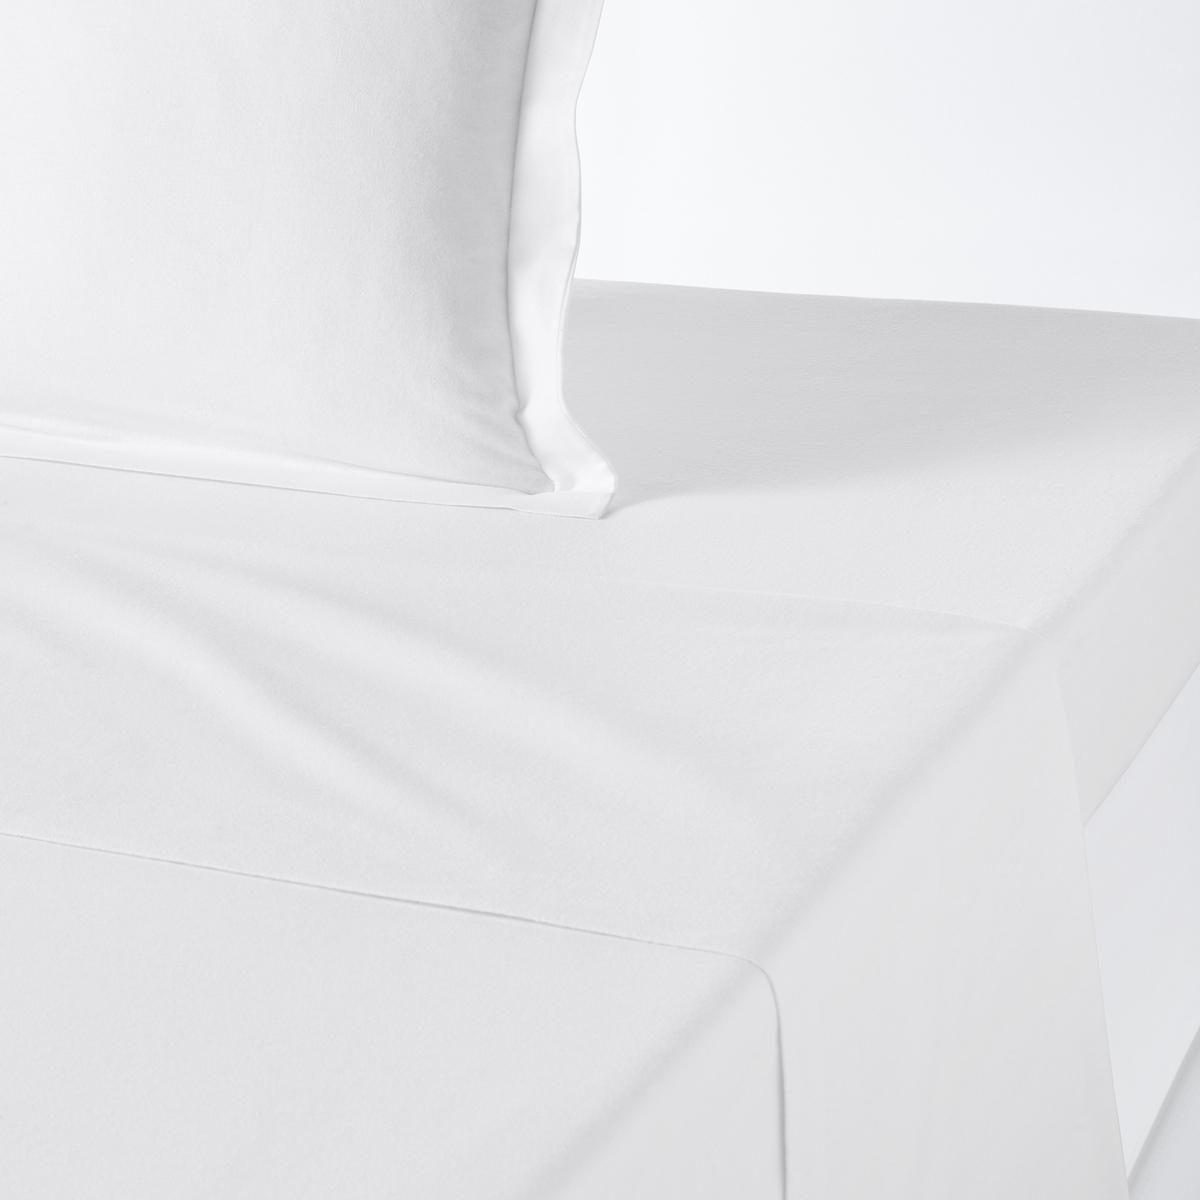 Простыня из фланелиПростыня из плотной фланелевой ткани (170 г/м?) 100% хлопка, теплая и нежная, с невероятно устойчивым цветом. Известная своей теплотой и комфортом, фланель идеально подходит для встречи зимы.Превосходная стойкость цвета при стирке (60°).                                                                                                                                   Знак Oeko-Tex® дает гарантию того, что изделия изготовлены без применения химических средств и не представляют опасности для здоровья человека.Простыня: 180x290 см240х290 см270x290 см<br><br>Цвет: белый,бордовый,желтый кукурузный,зеленый хаки,светло-бежевый,серо-коричневый,серо-розовый,серый меланж,сине-зеленый,синий индиго,темно-оранжевый,угольно-серый,ярко-фиолетовый<br>Размер: 180 x 290  см.240 x 290  см.270 x 290  см.180 x 290  см.270 x 290  см.180 x 290  см.240 x 290  см.180 x 290  см.270 x 290  см.180 x 290  см.240 x 290  см.270 x 290  см.180 x 290  см.270 x 290  см.180 x 290  см.180 x 290  см